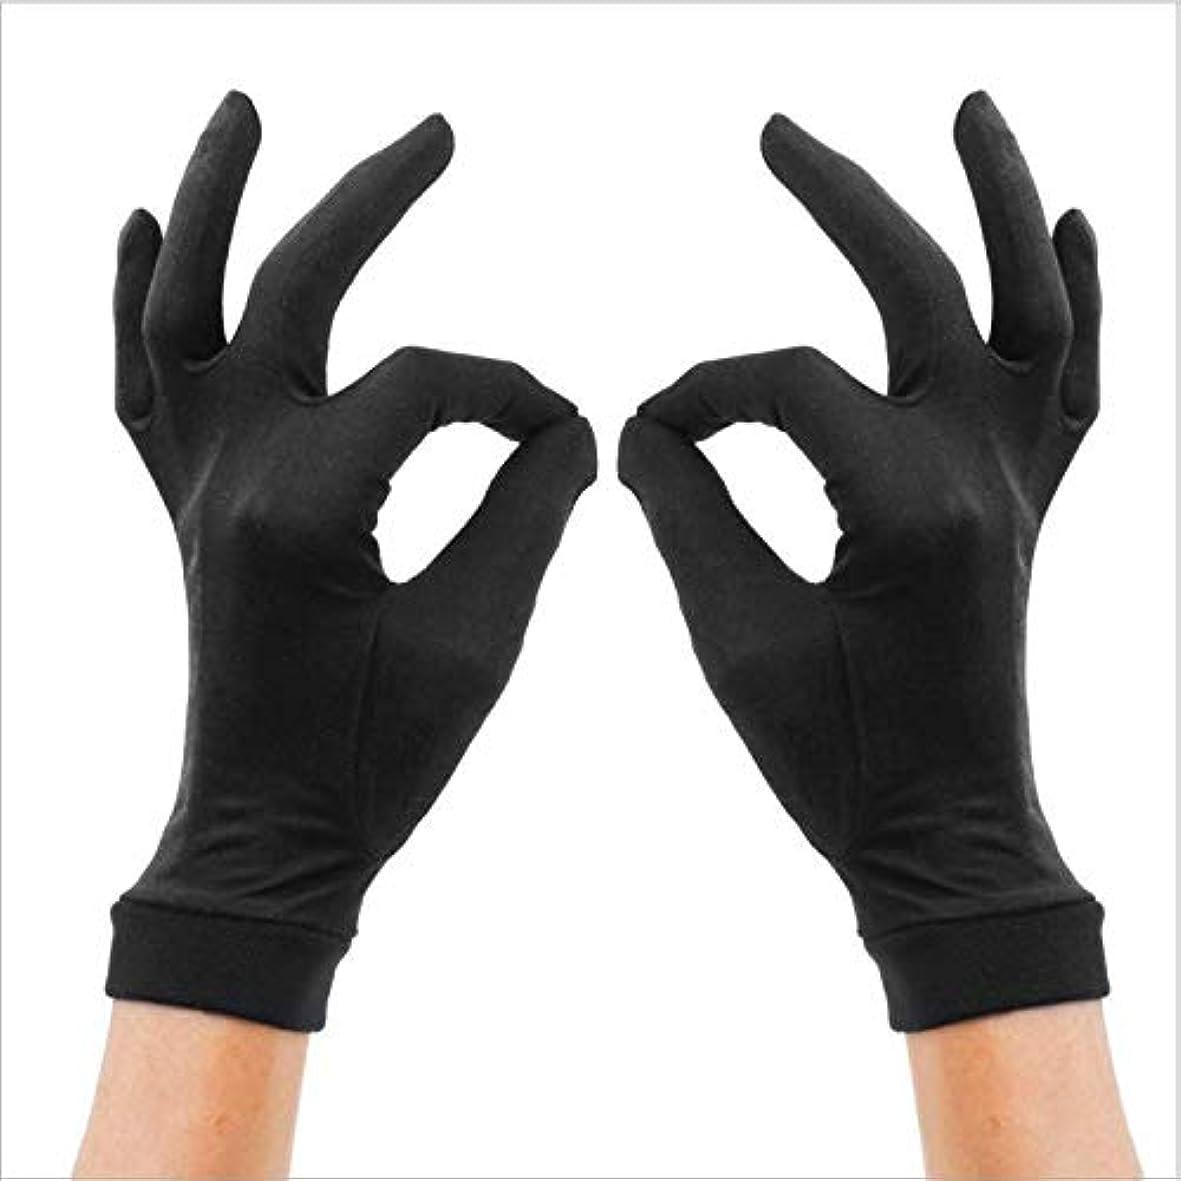 判読できないコウモリジェーンオースティンシルク手袋 ALUL 手袋 シルク uvカット おやすみ 手触りが良い 紫外線 日焼け防止 手荒い 保湿 夏 ハンド ケア レディース/メンズ